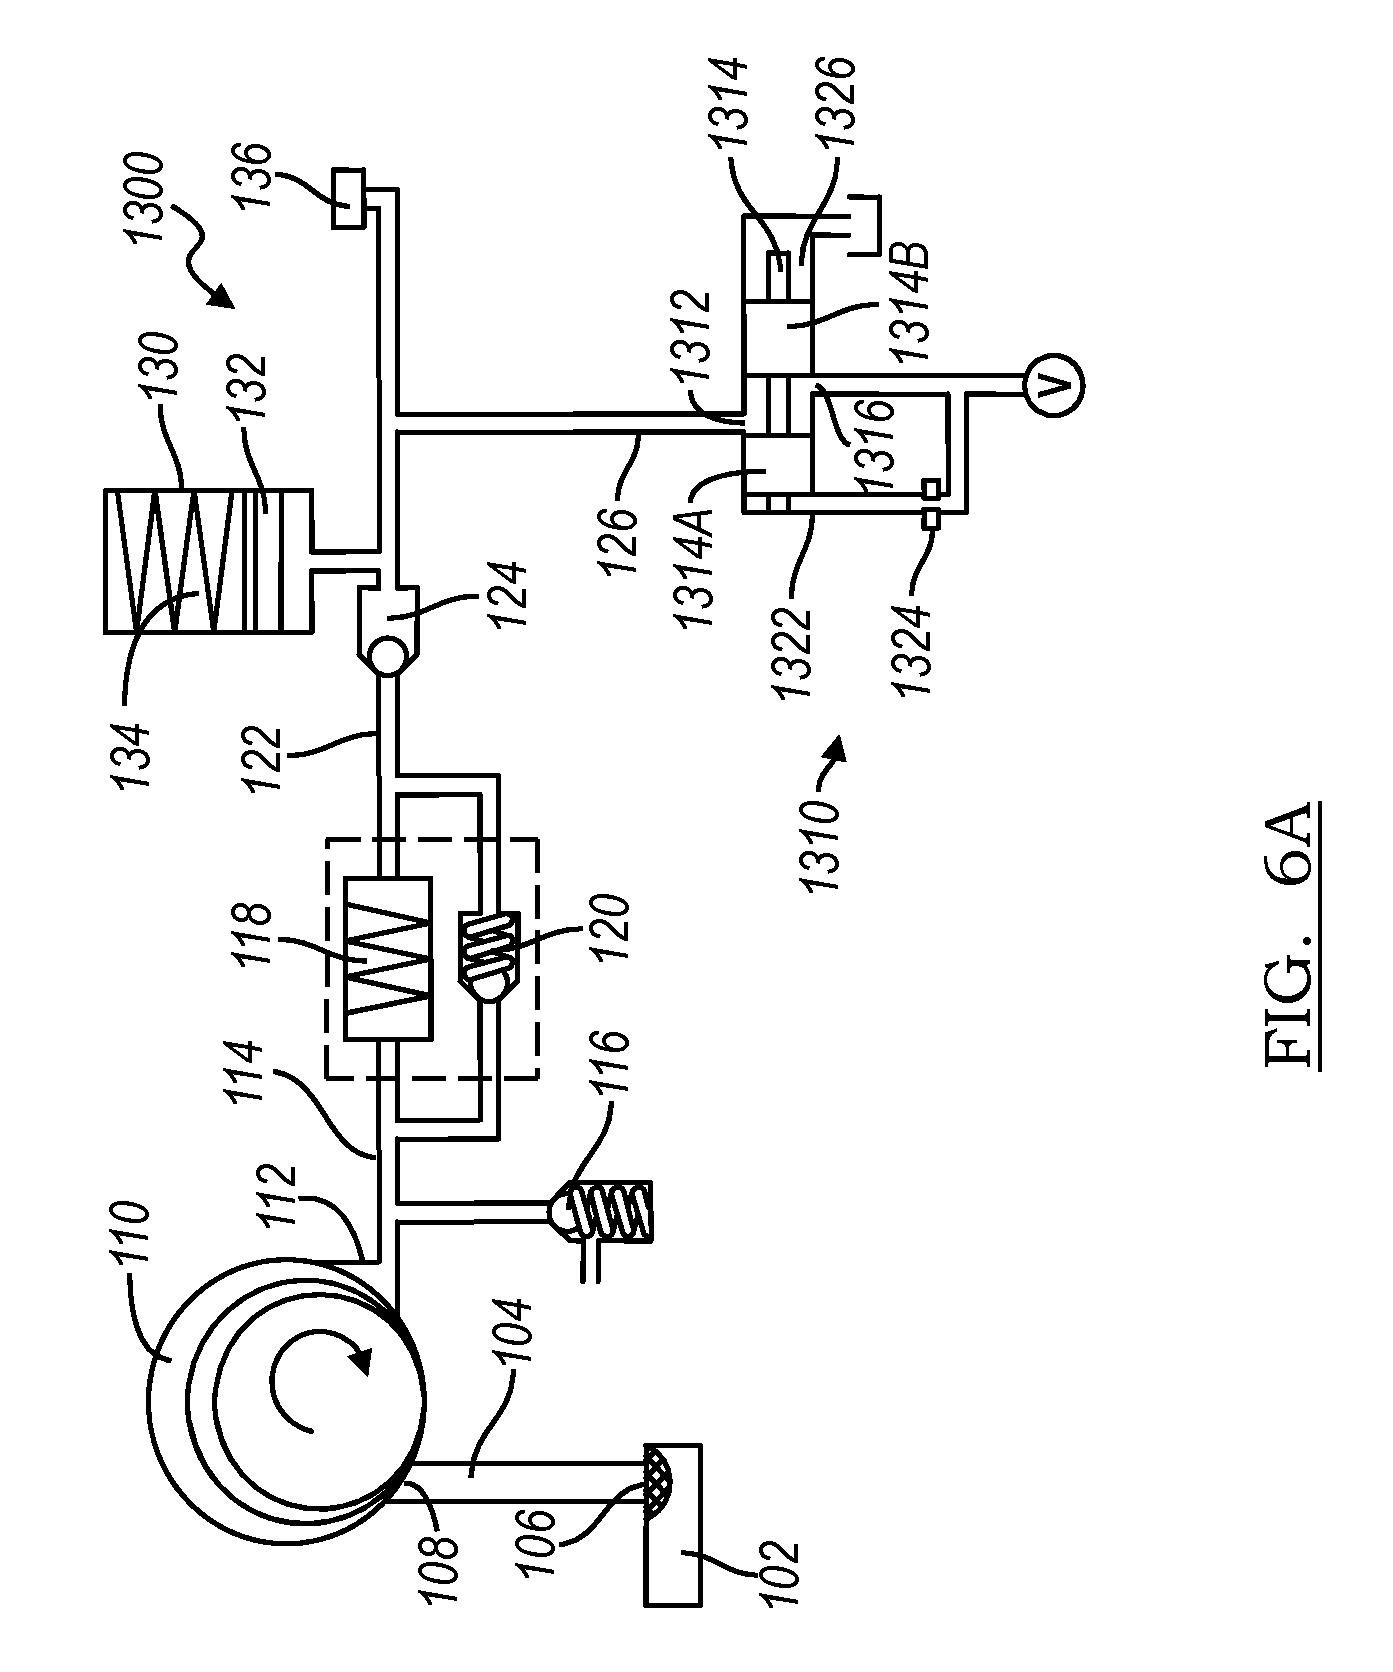 patent us8225687